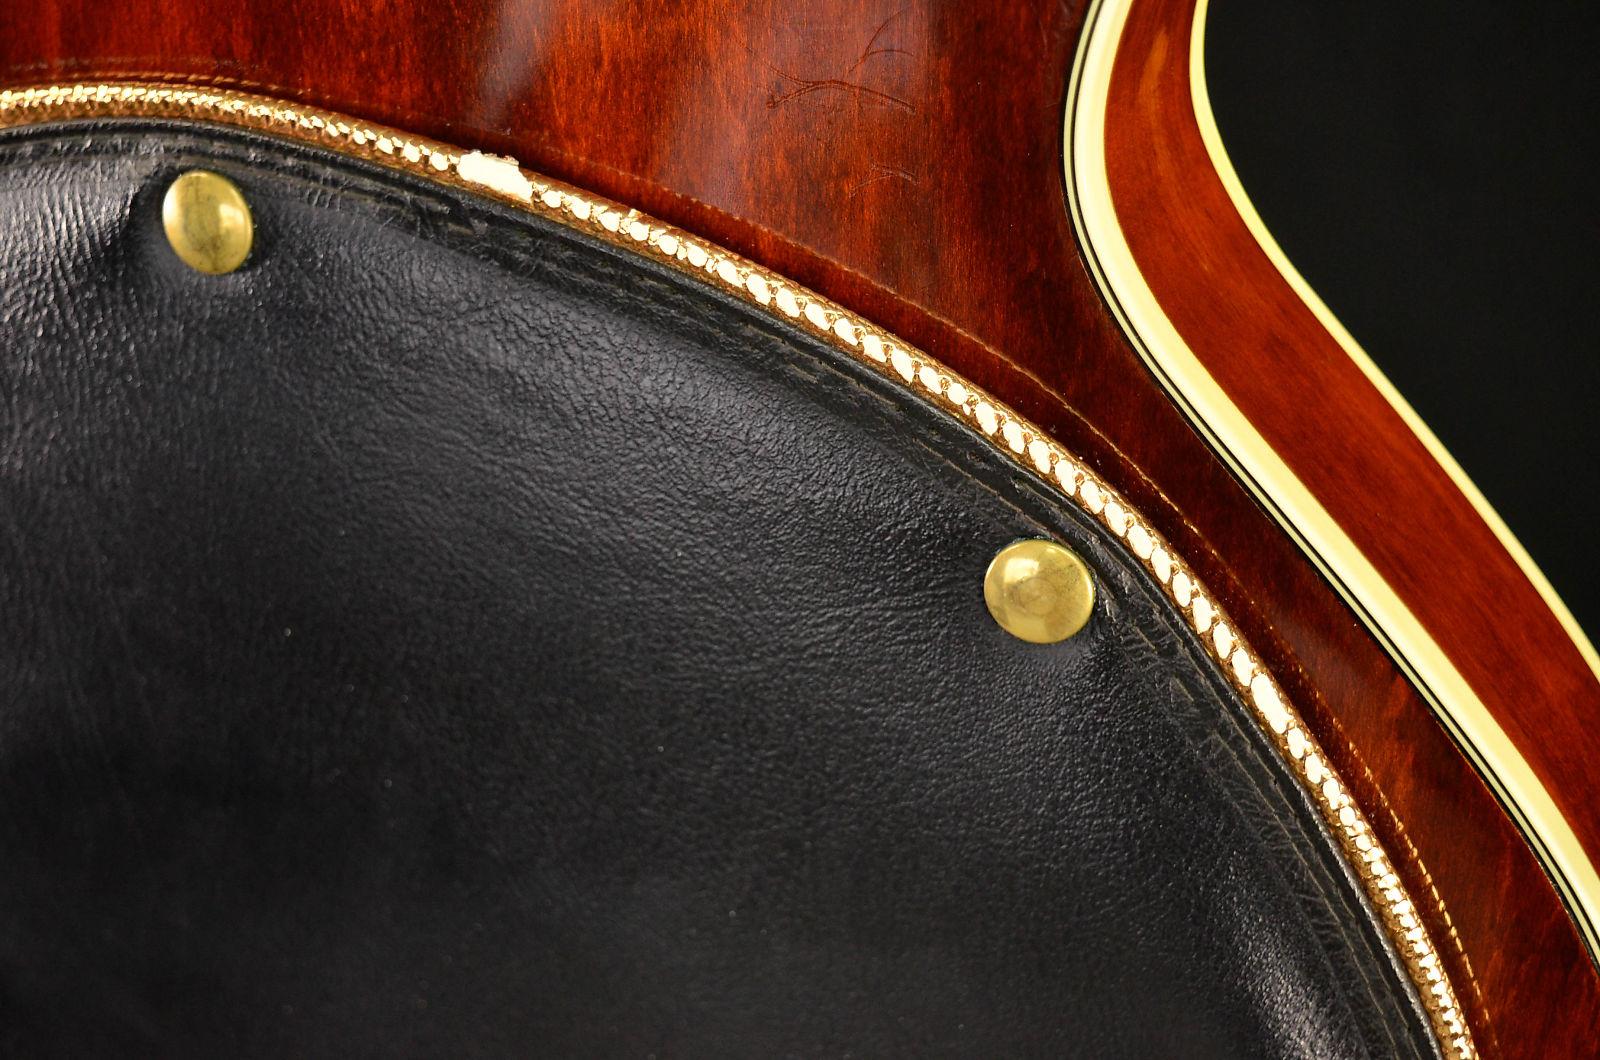 Gretsch 6122 Chet Atkins Country Gentleman 1967